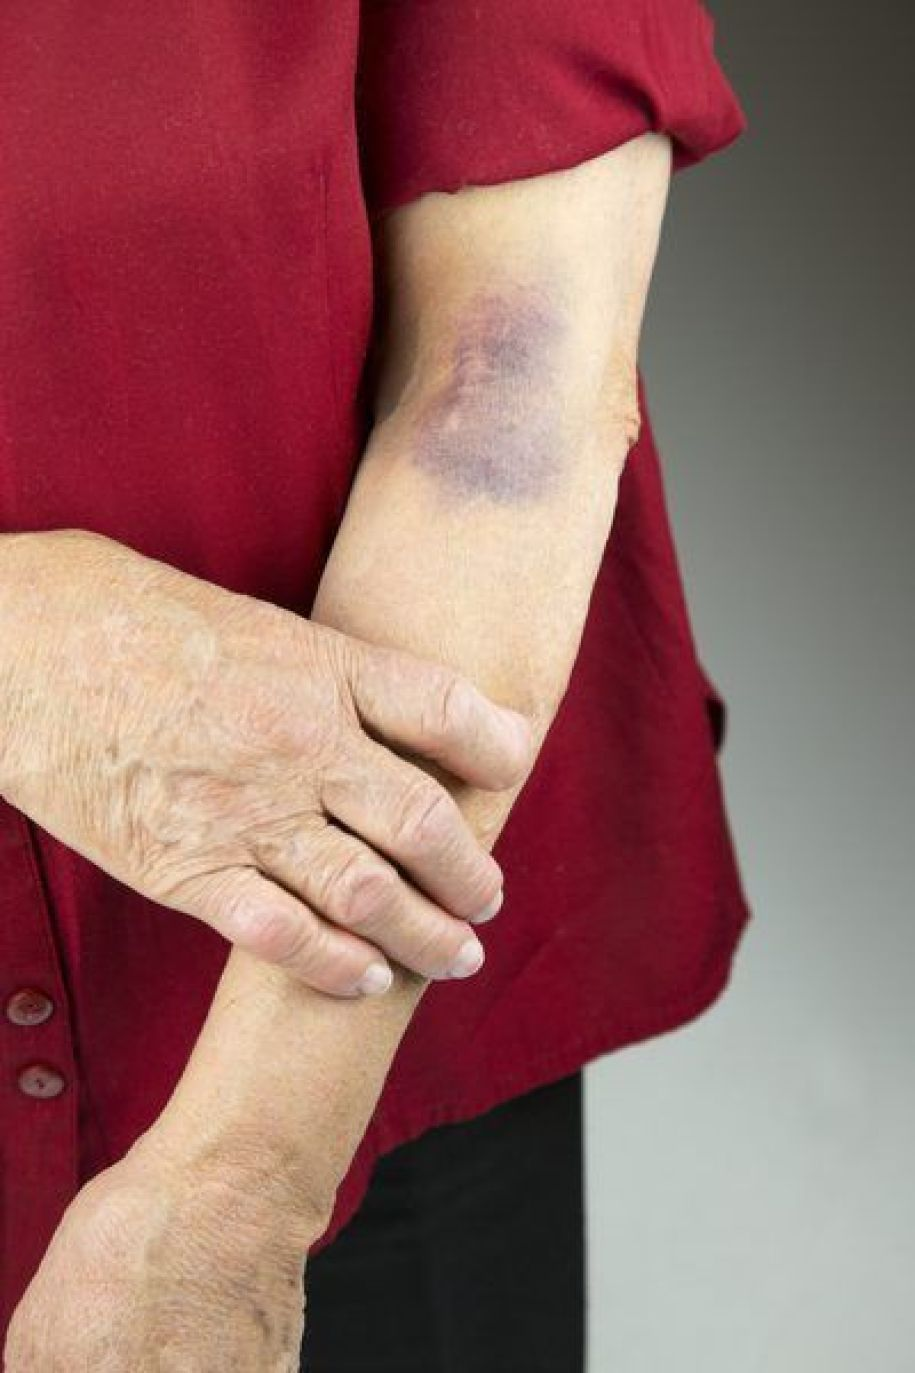 Cancer : Les signes que vous ne devriez pas ignorer Lifestyle